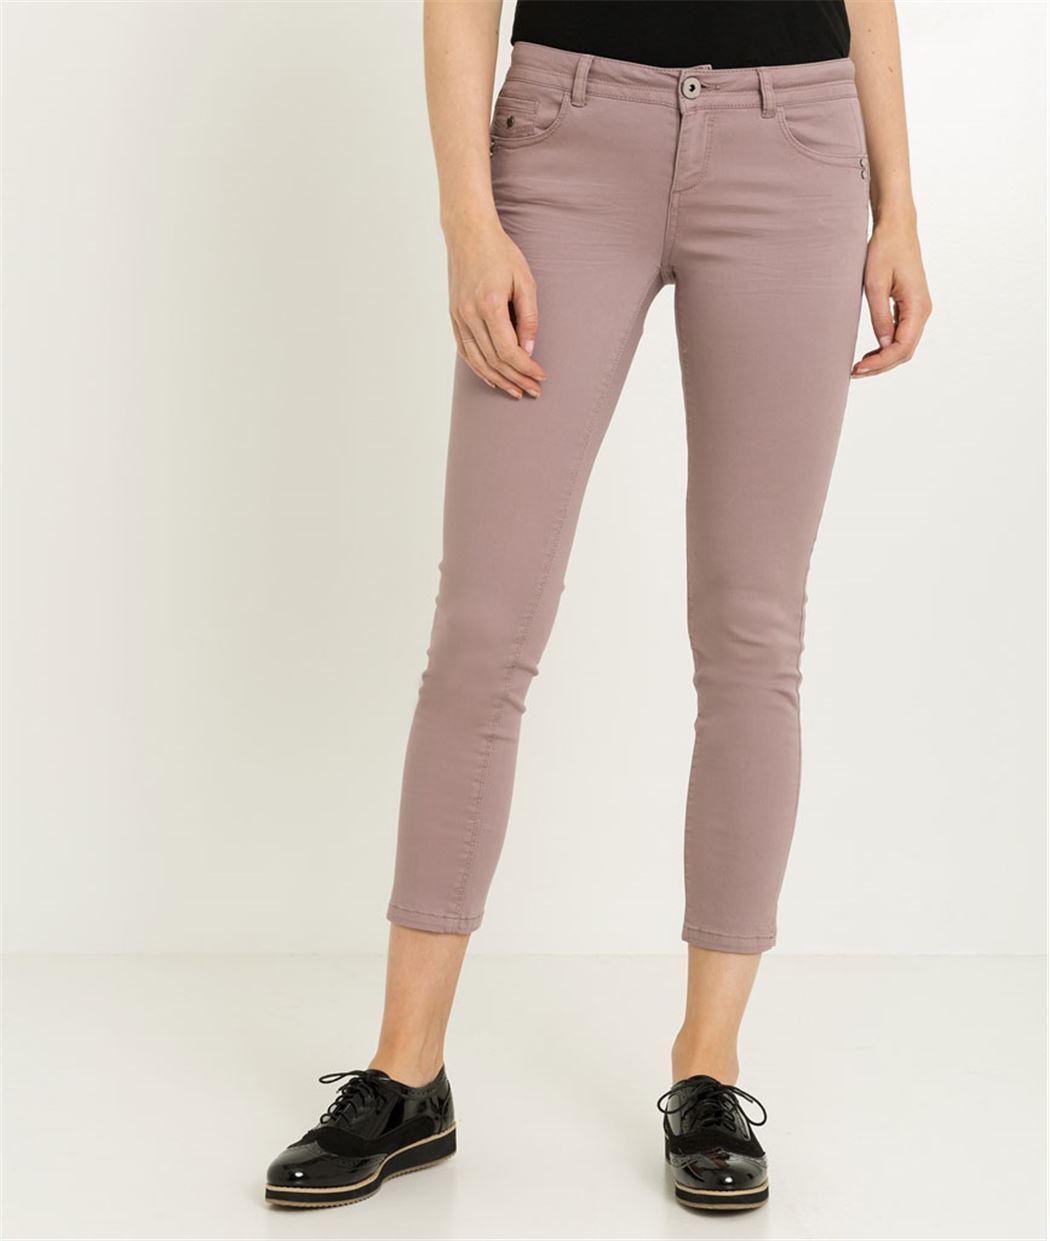 Pantalon femme 7/8ème couleur BRUYERE